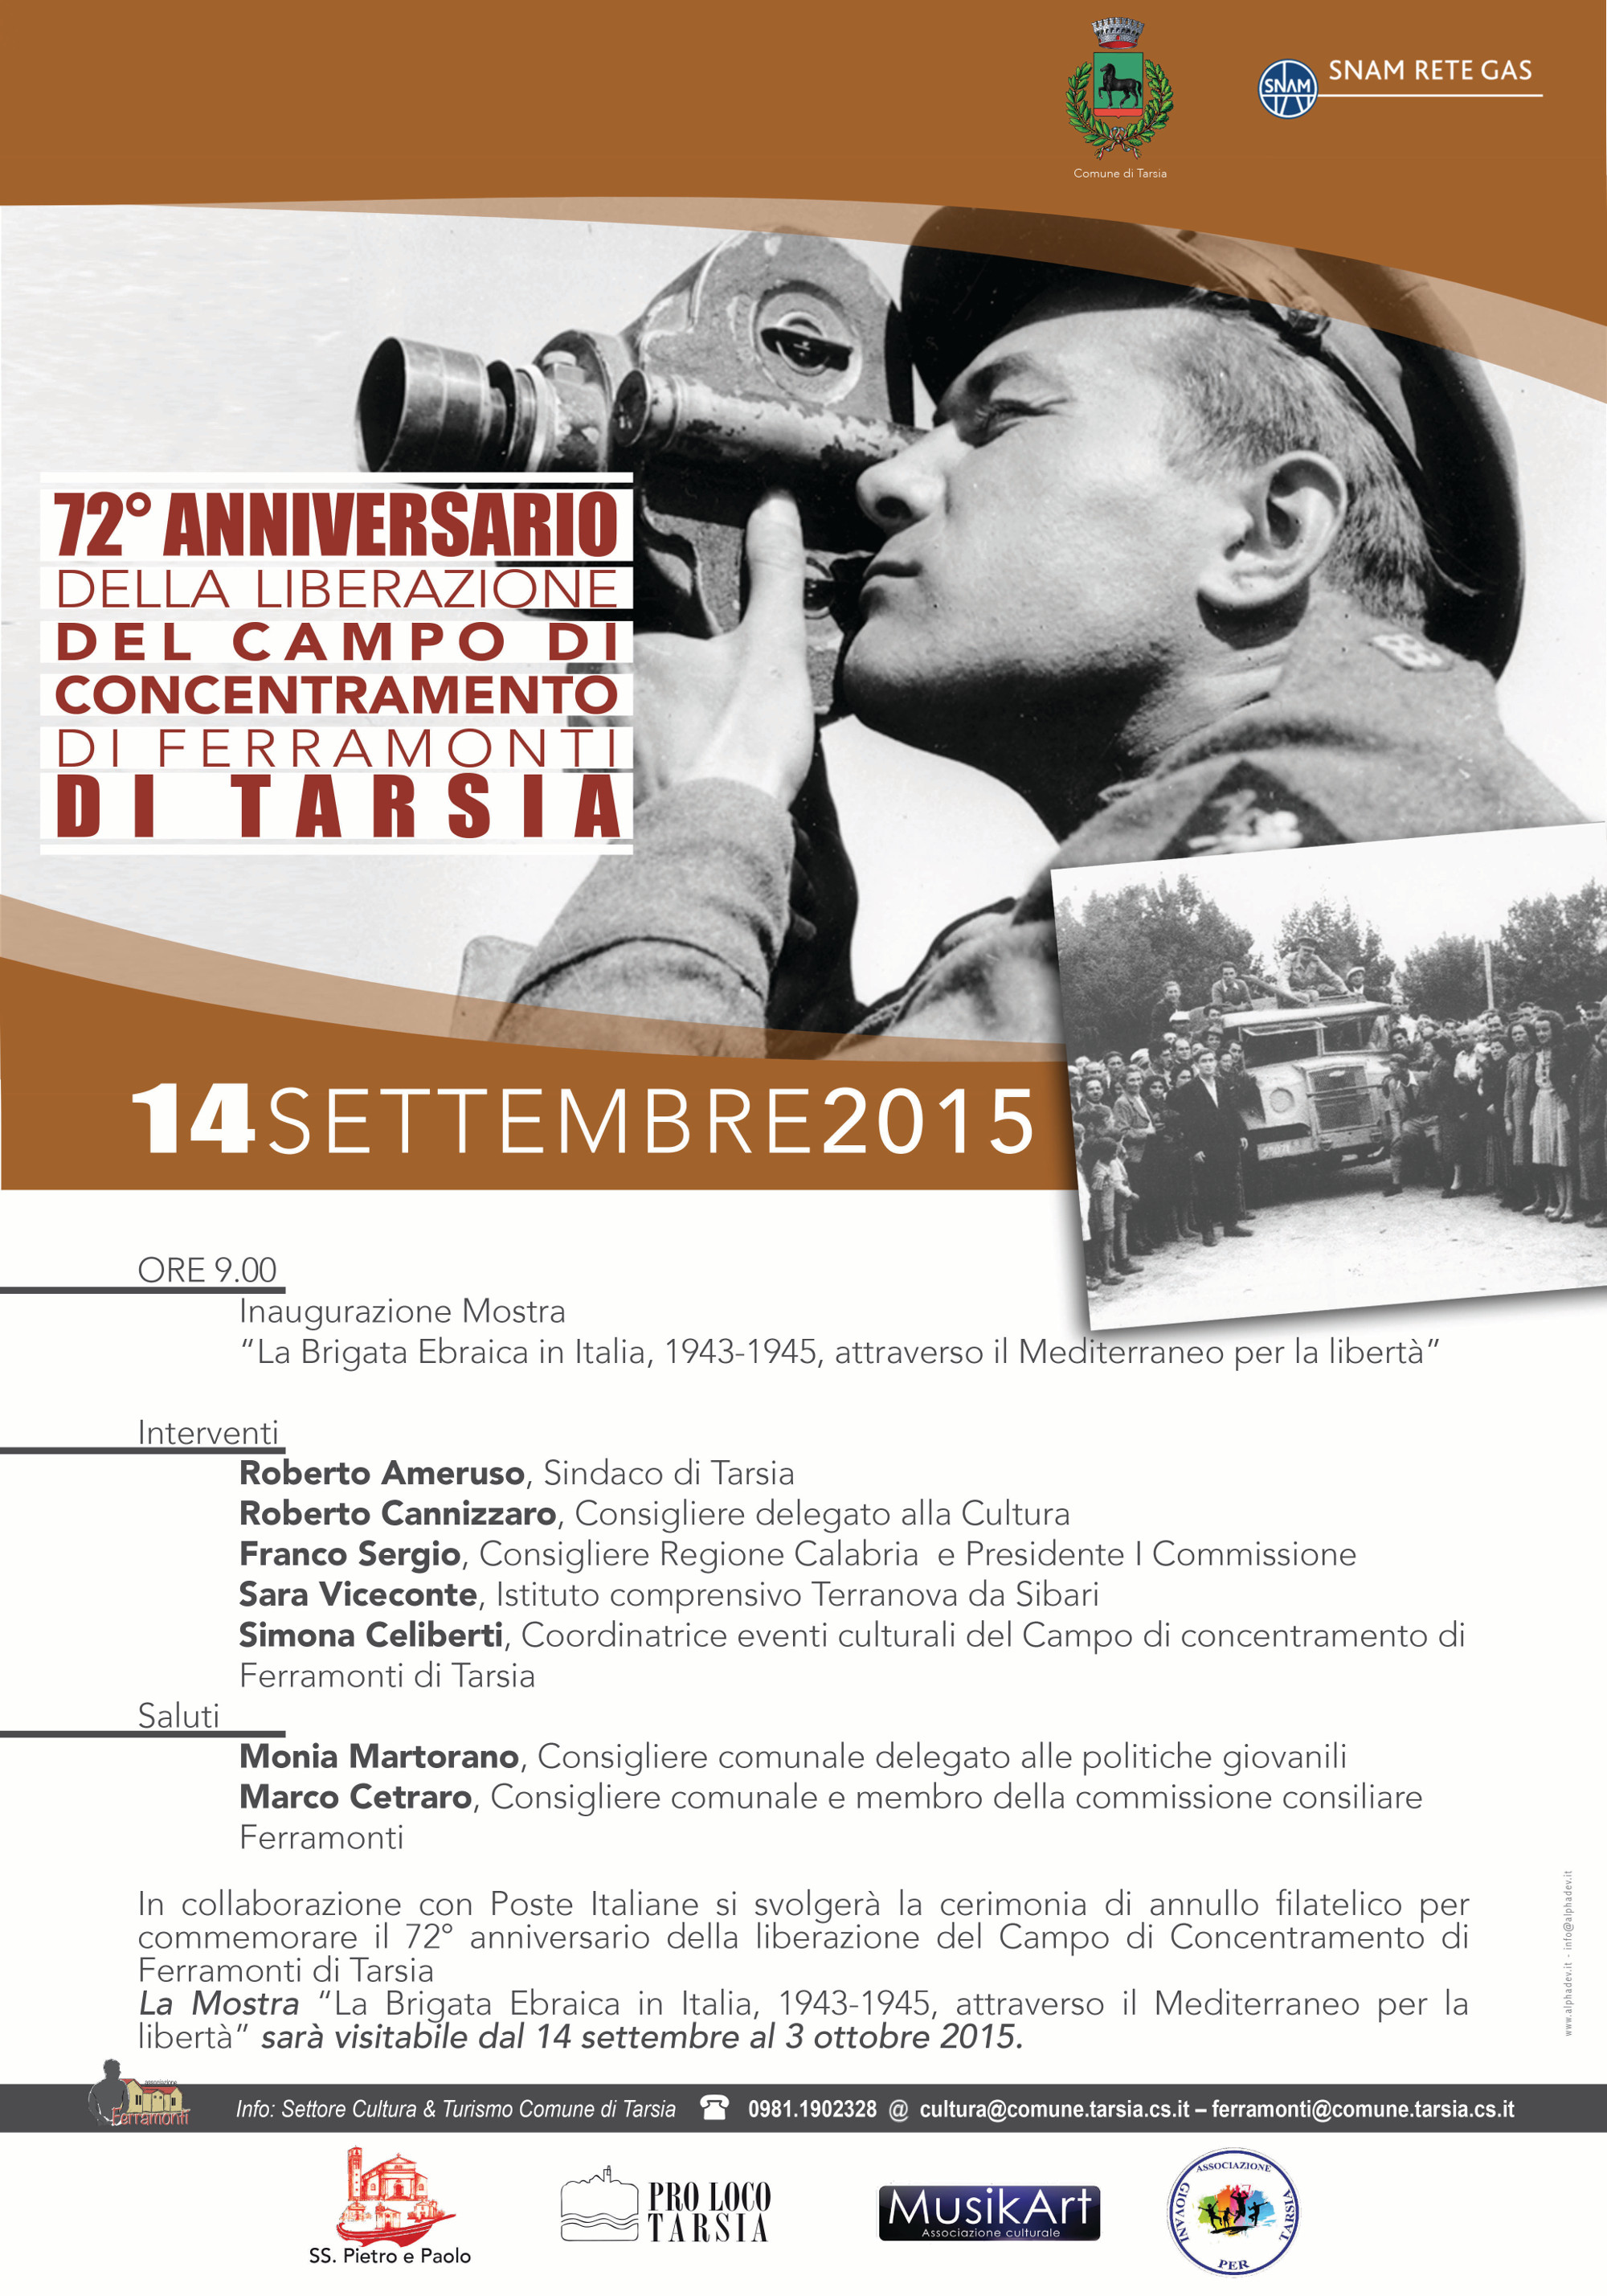 manifesto ferramonti 14 settembre 2 (1)